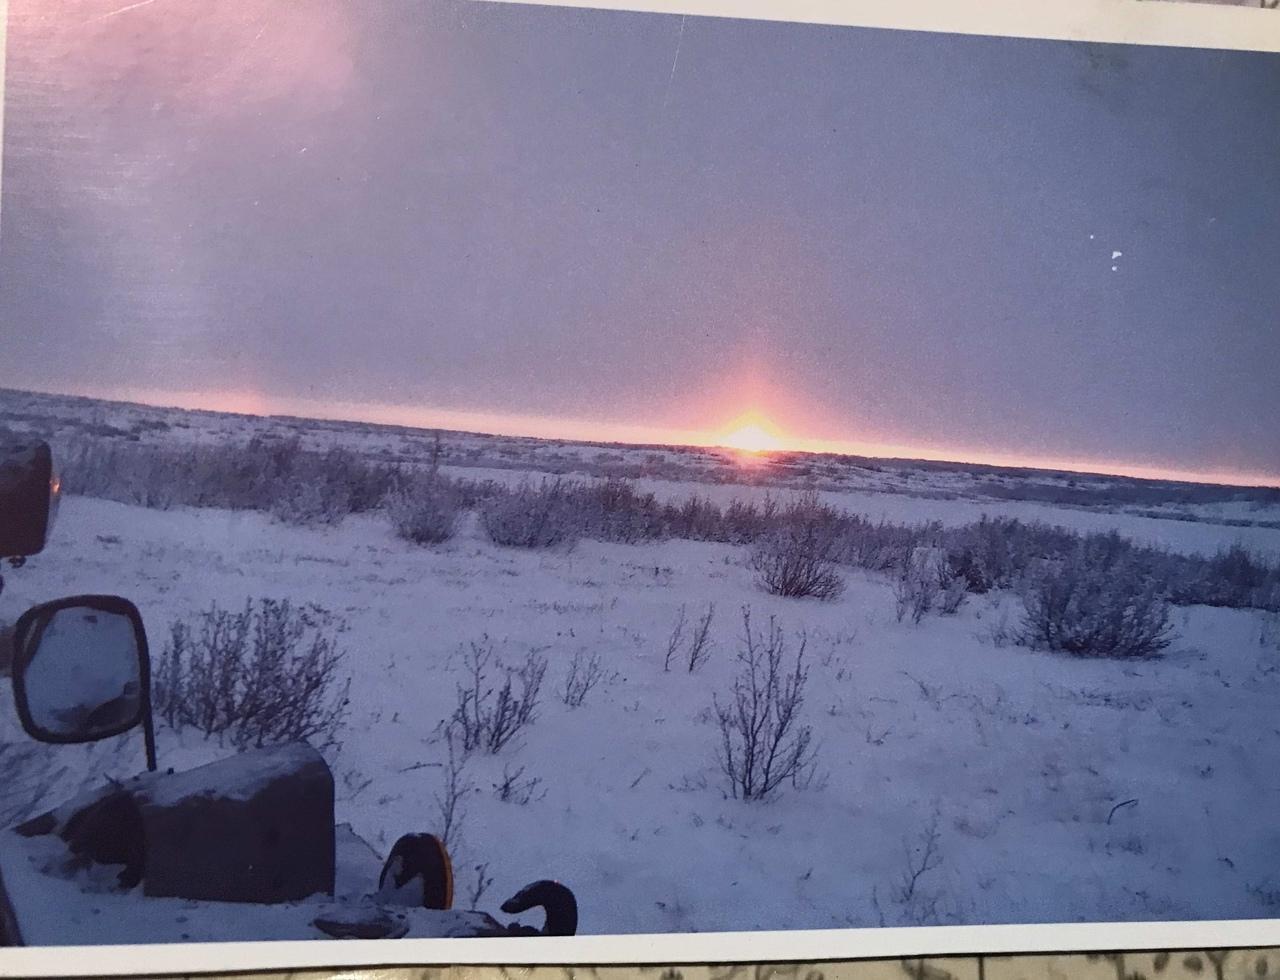 Фото Человек-тундра: 77-летний пенсионер из Томска отправился в дикую глушь, чтобы сжечь охотничью базу погибшего сына 8